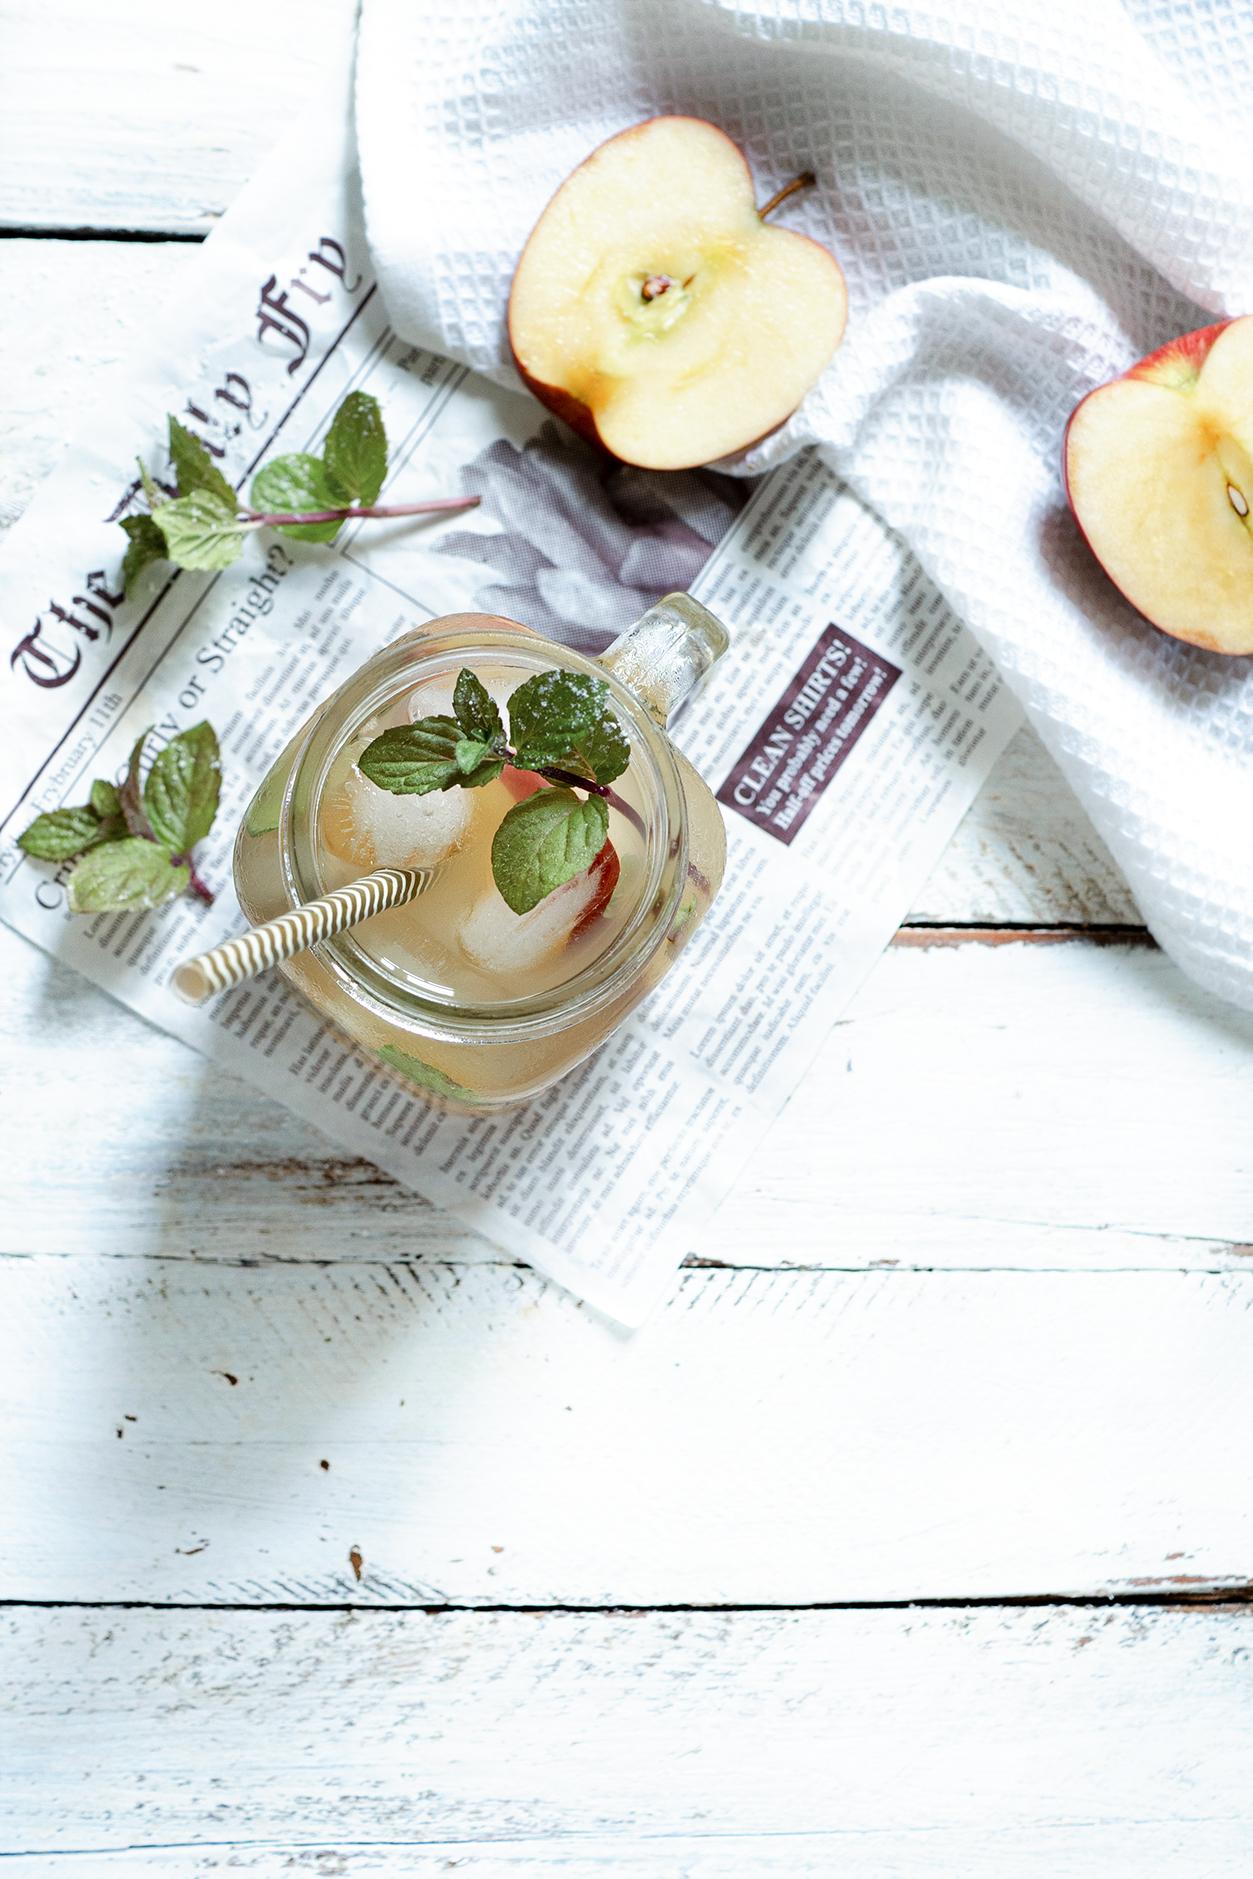 Erfrischungsgetränk mit Apfel und Minze